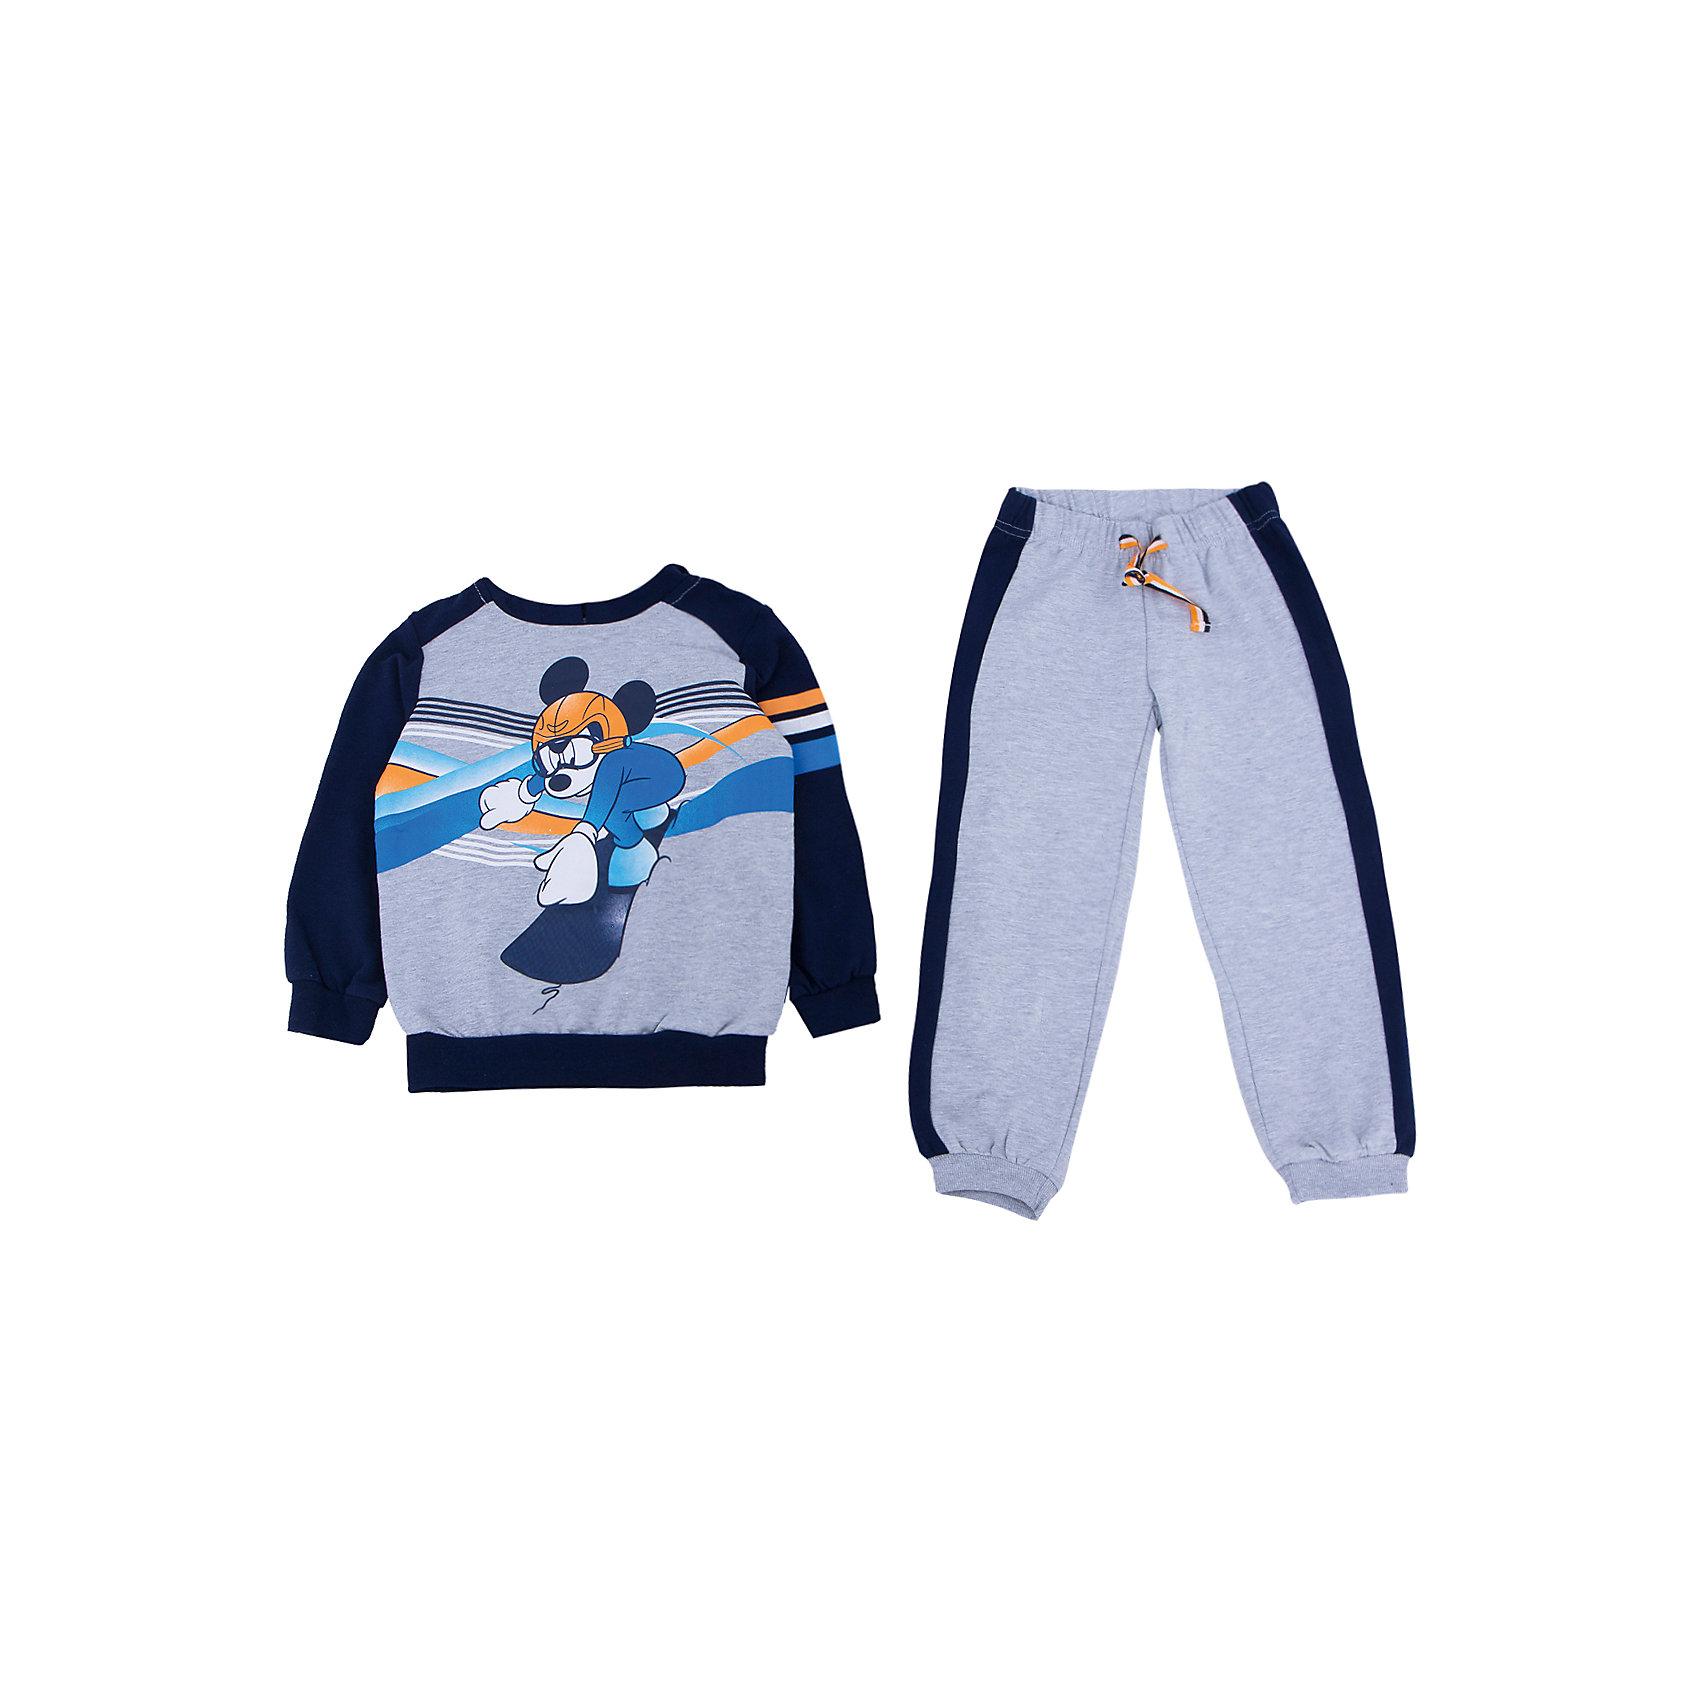 Комплект: толстовка и брюки для мальчика PlayTodayКомплекты<br>Комплект: толстовка и брюки для мальчика от известного бренда PlayToday.<br>Уютный комплект из толстовки и брюк в спортивном стиле. <br>Толстовка украшена лицензионным диснеевским принтом с забавным Микки-Маусом. Рукава и низ на широкой трикотажной резинке, есть капюшон.<br>Пояс брюк на мягкой резинке, дополнительно утягивается яркой тесьмой. По бокам контрастные темно-синие лампасы. Низ штанишек на широкой трикотажной резинке. <br>Состав:<br>80% хлопок, 20% полиэстер<br><br>Ширина мм: 215<br>Глубина мм: 88<br>Высота мм: 191<br>Вес г: 336<br>Цвет: синий<br>Возраст от месяцев: 72<br>Возраст до месяцев: 84<br>Пол: Мужской<br>Возраст: Детский<br>Размер: 122,104,110,116,128,134,140,98<br>SKU: 4897877